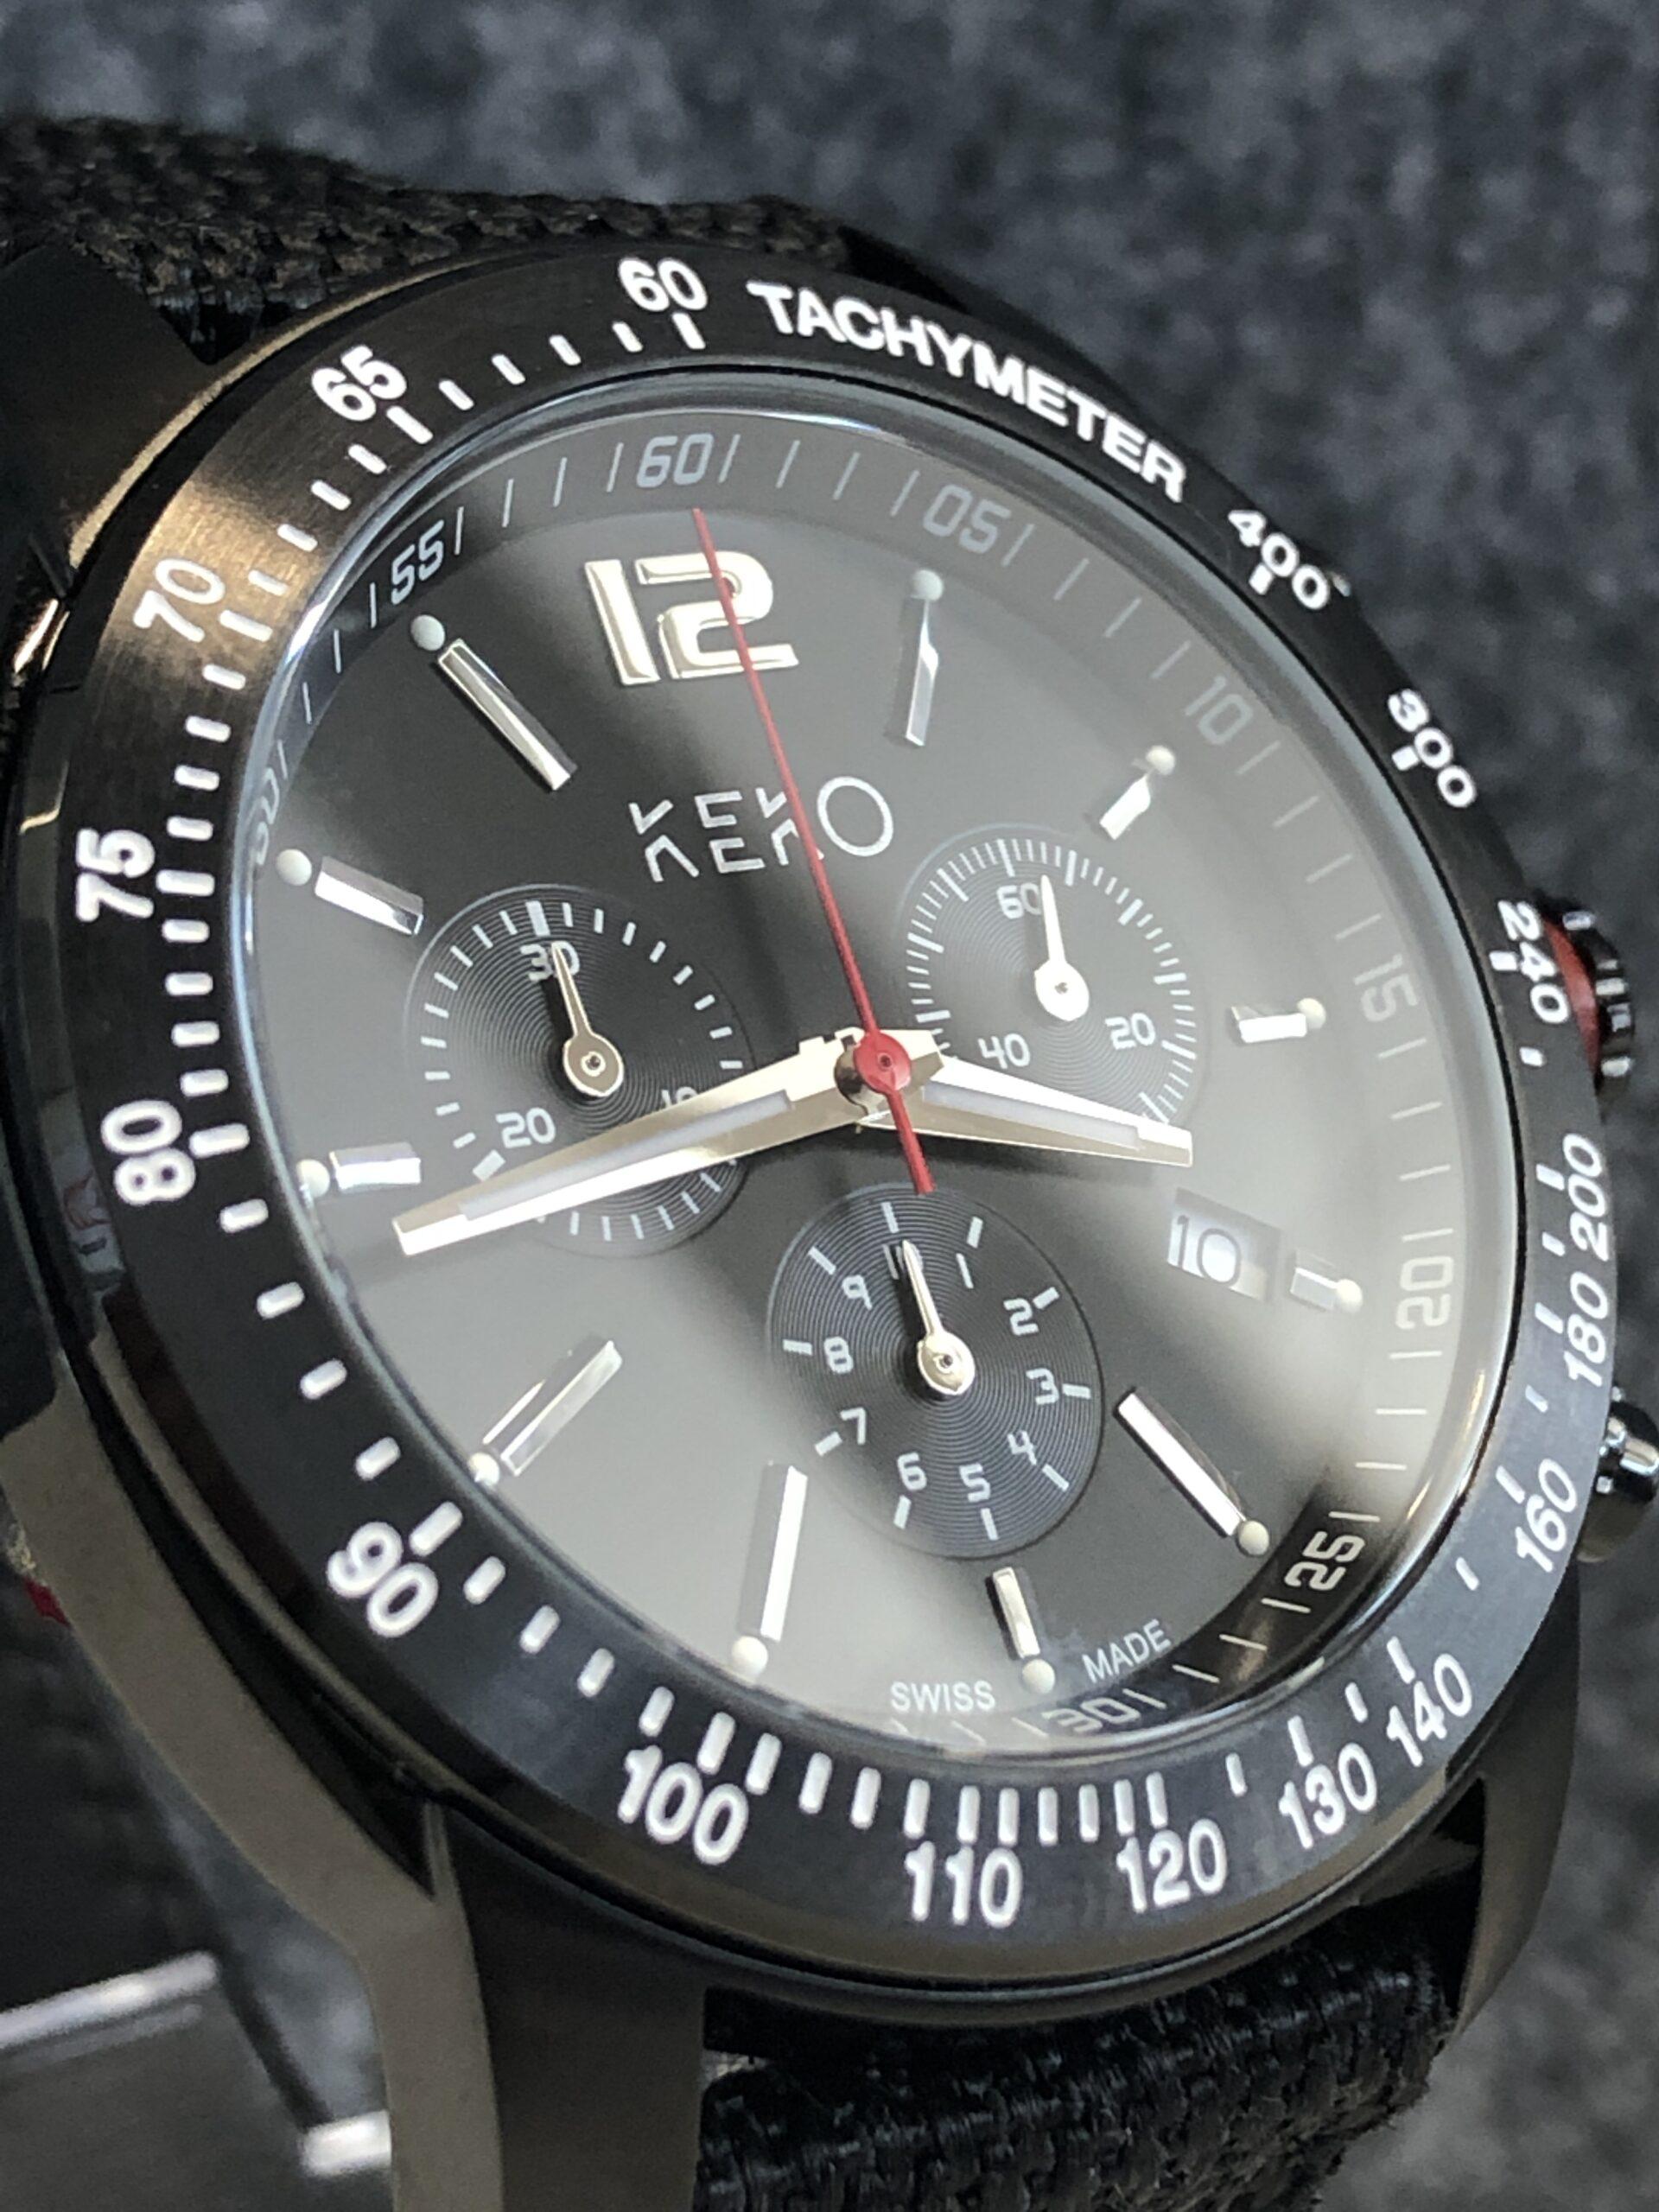 keko-chronograph-outdoor-adventure-mit-schwarzem-nylon-armband-seitenansicht